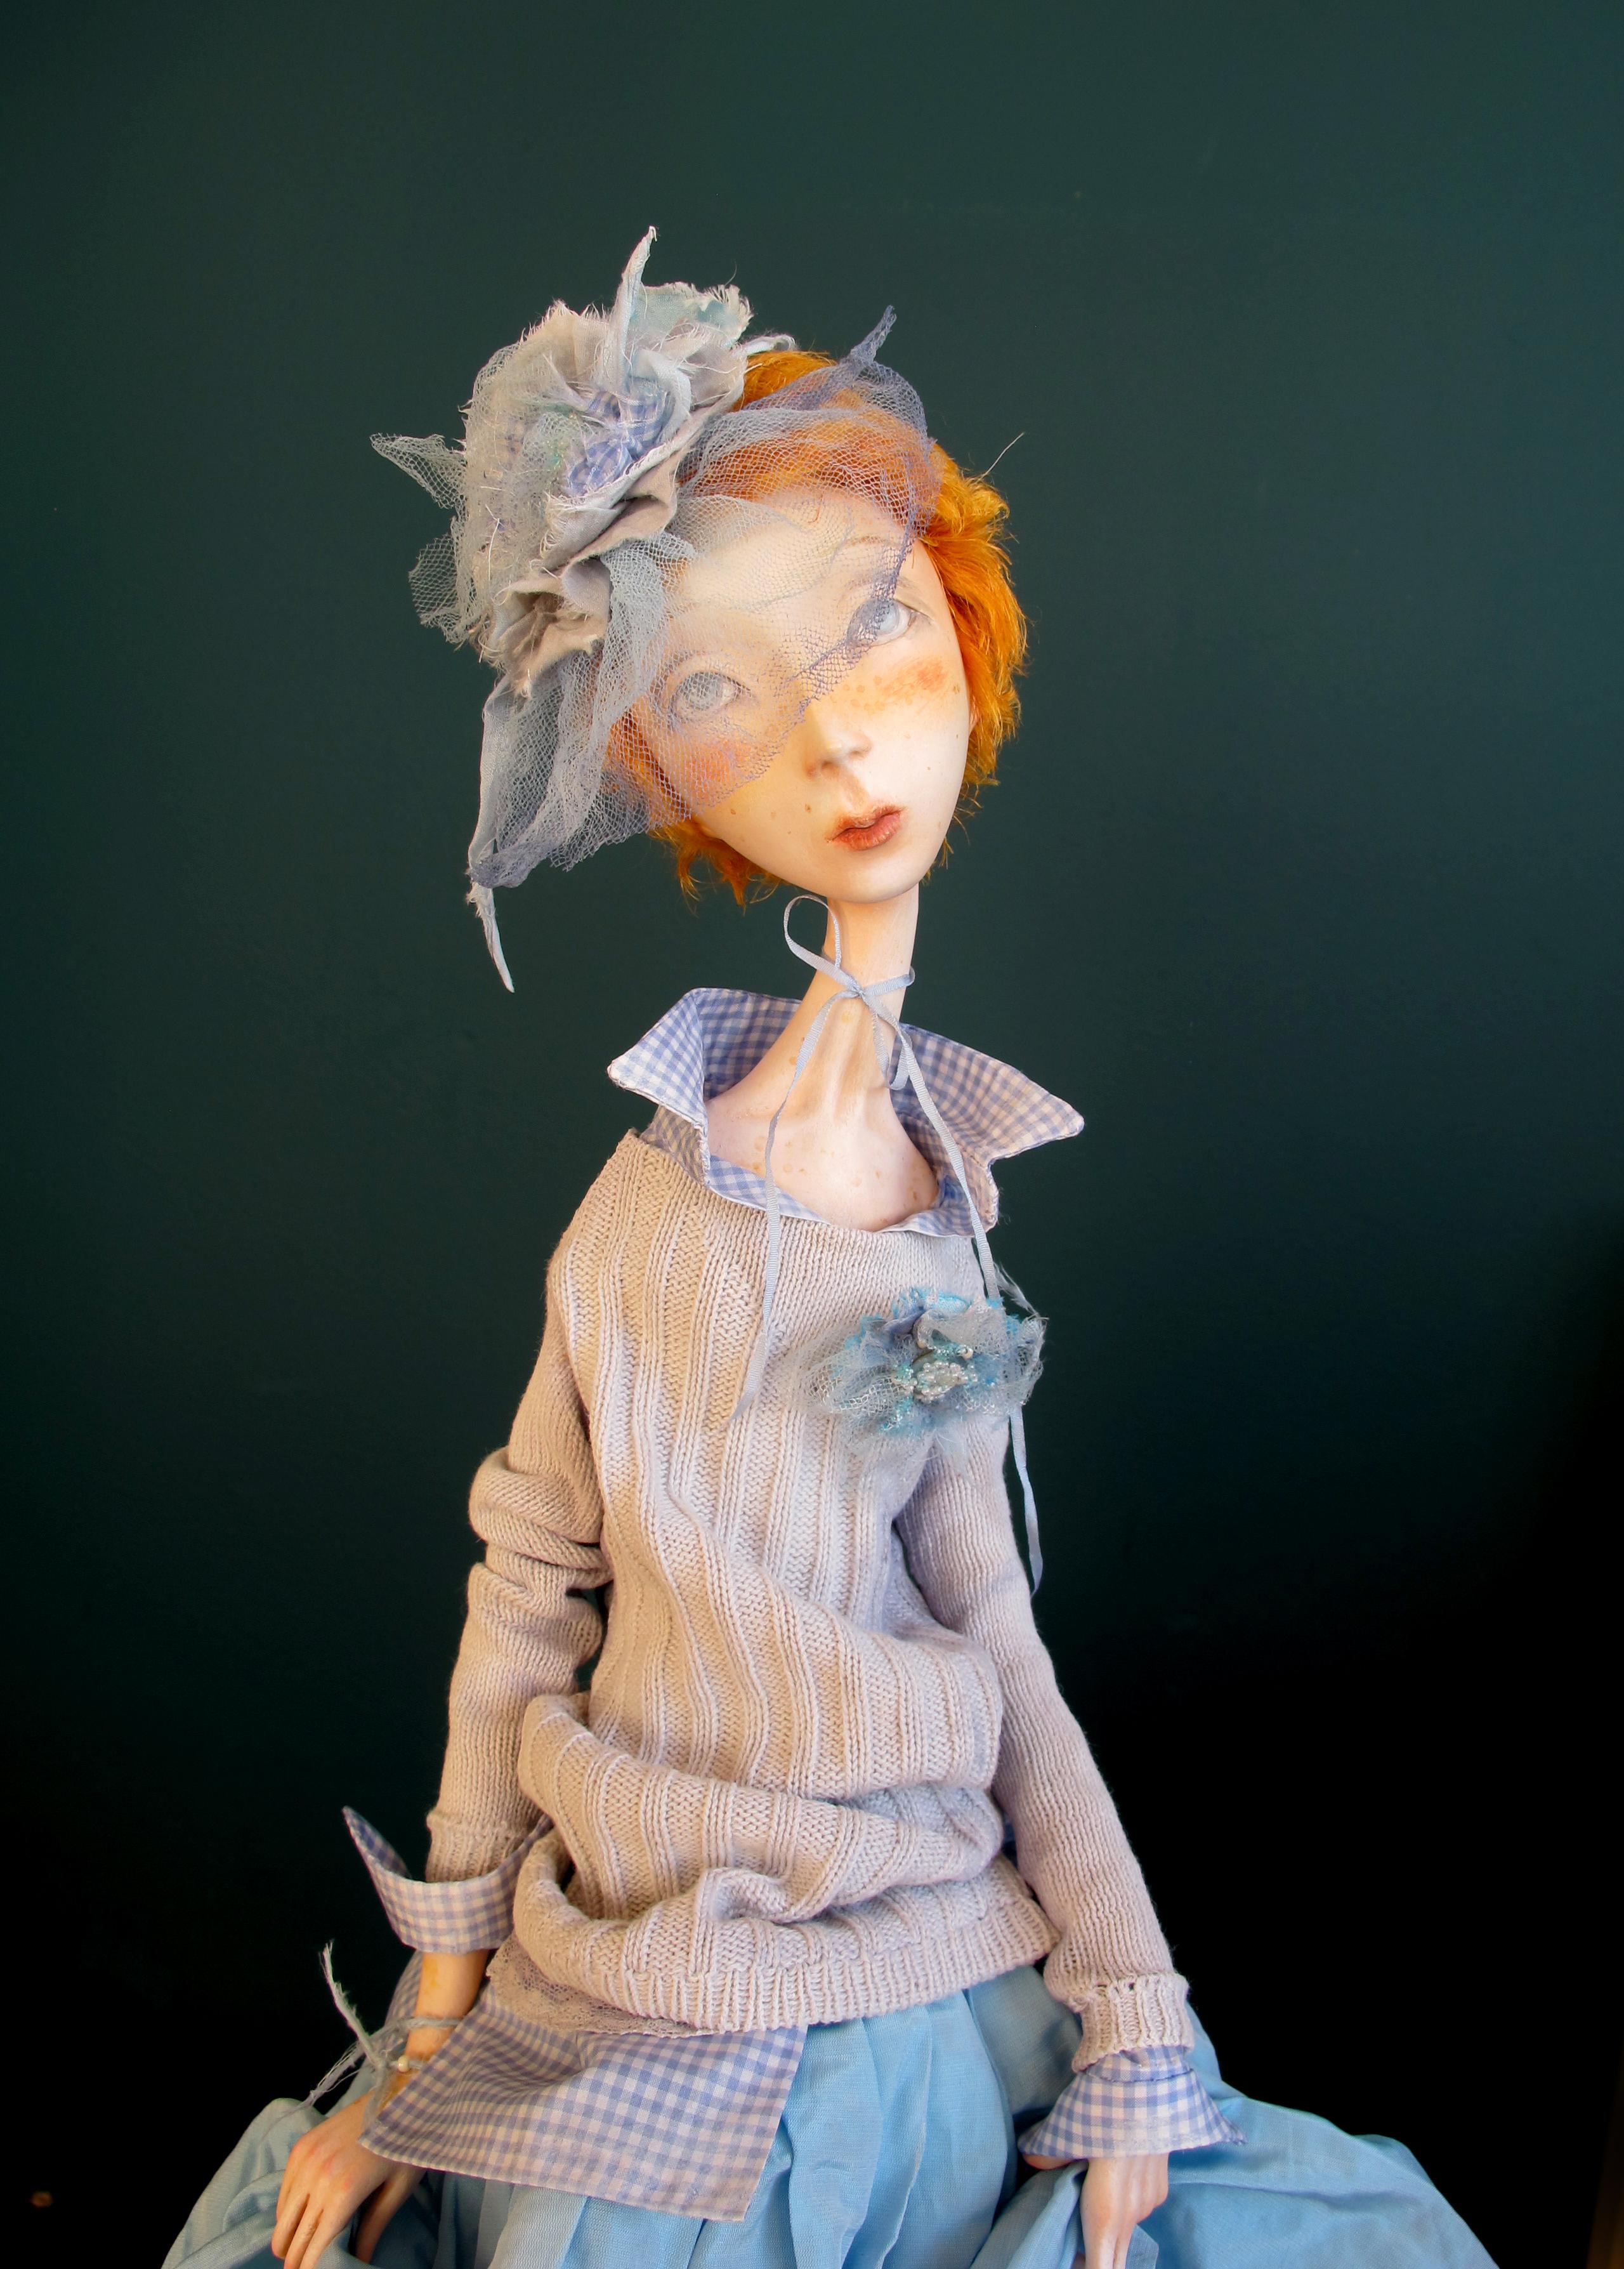 Cousin Zeena - by Anna Zueva